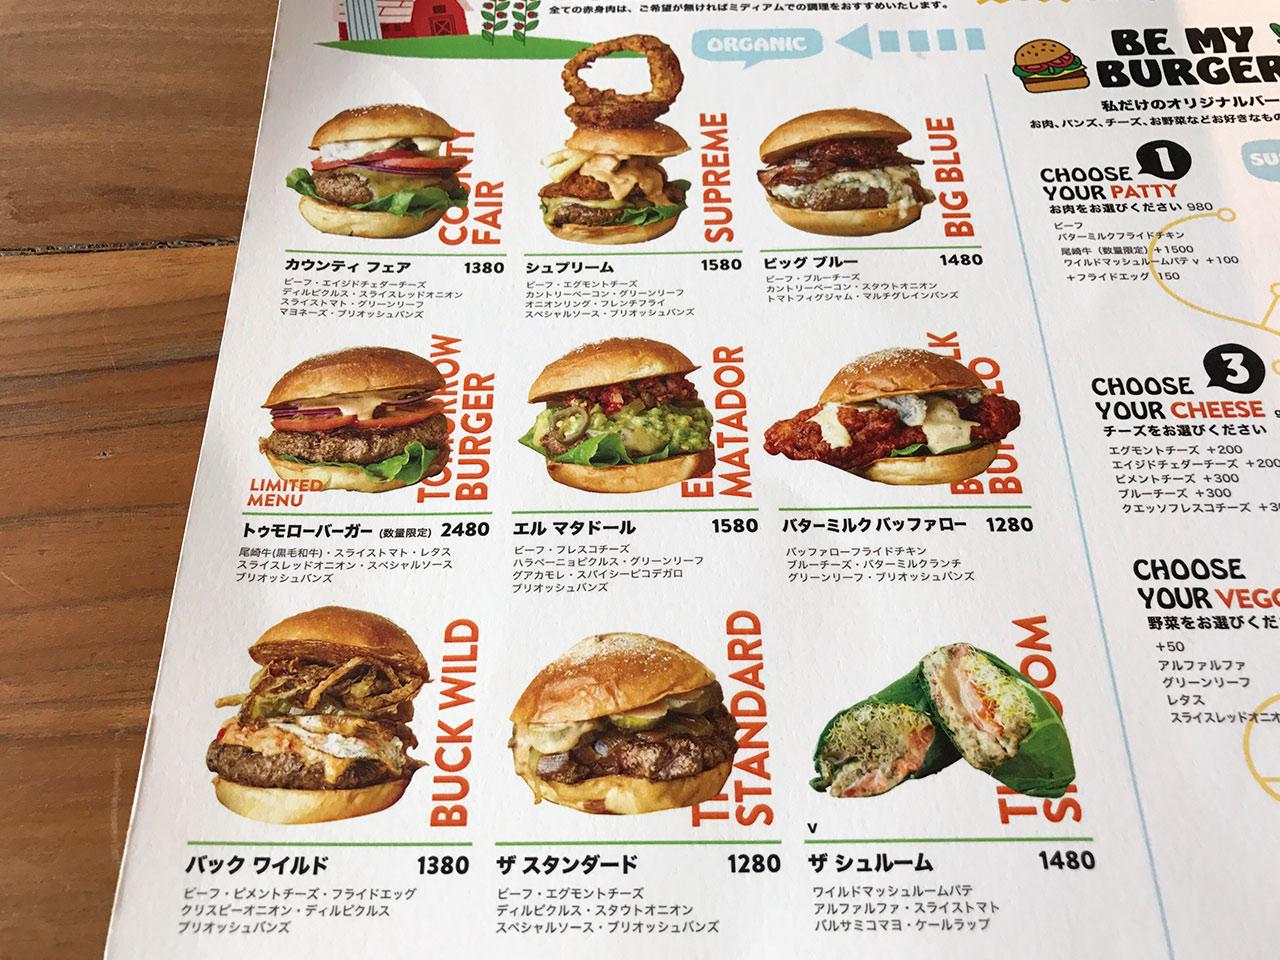 Bareburgerのバーガーメニュー